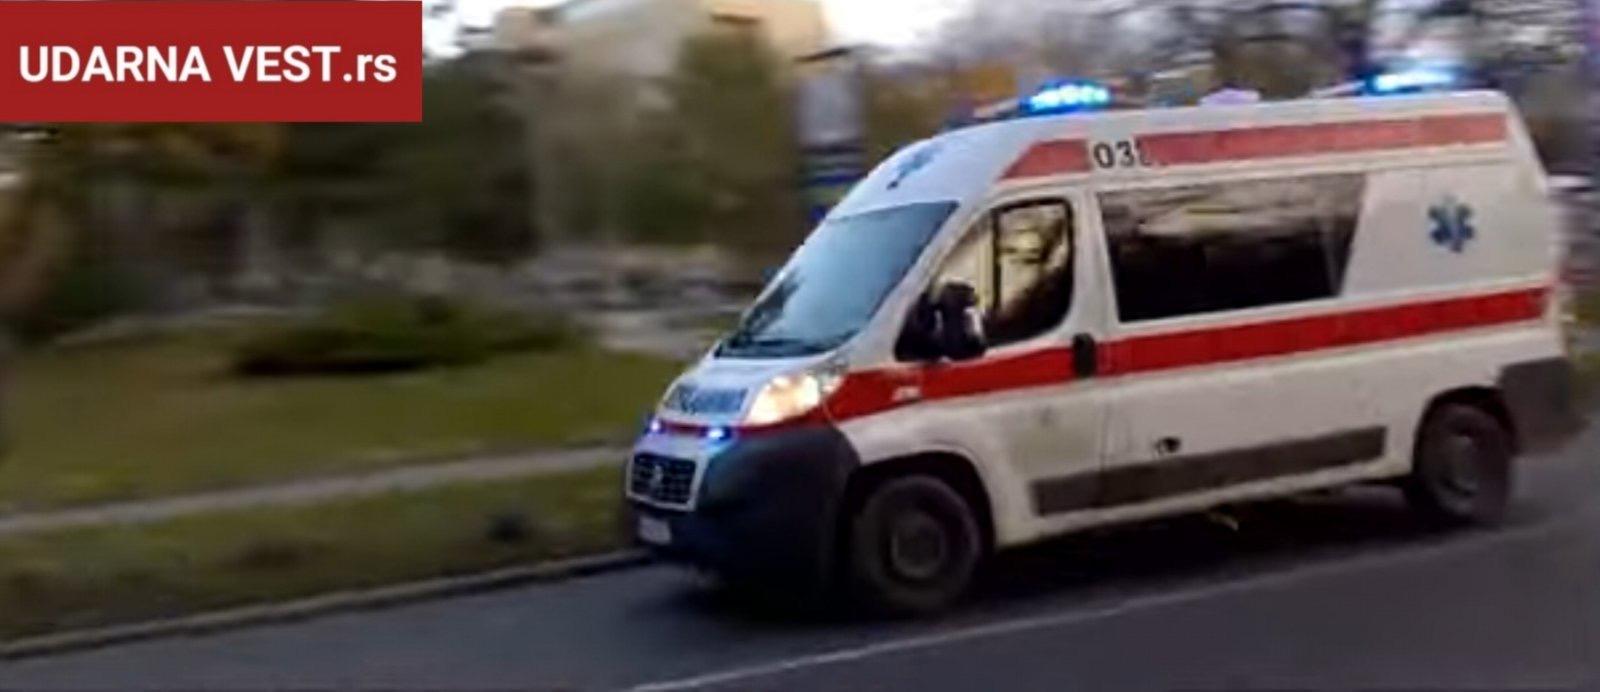 UŽAS KOD ČAČKA      Lutalica izujedala dvogodišnjeg dečaka, mališan u bolnici!